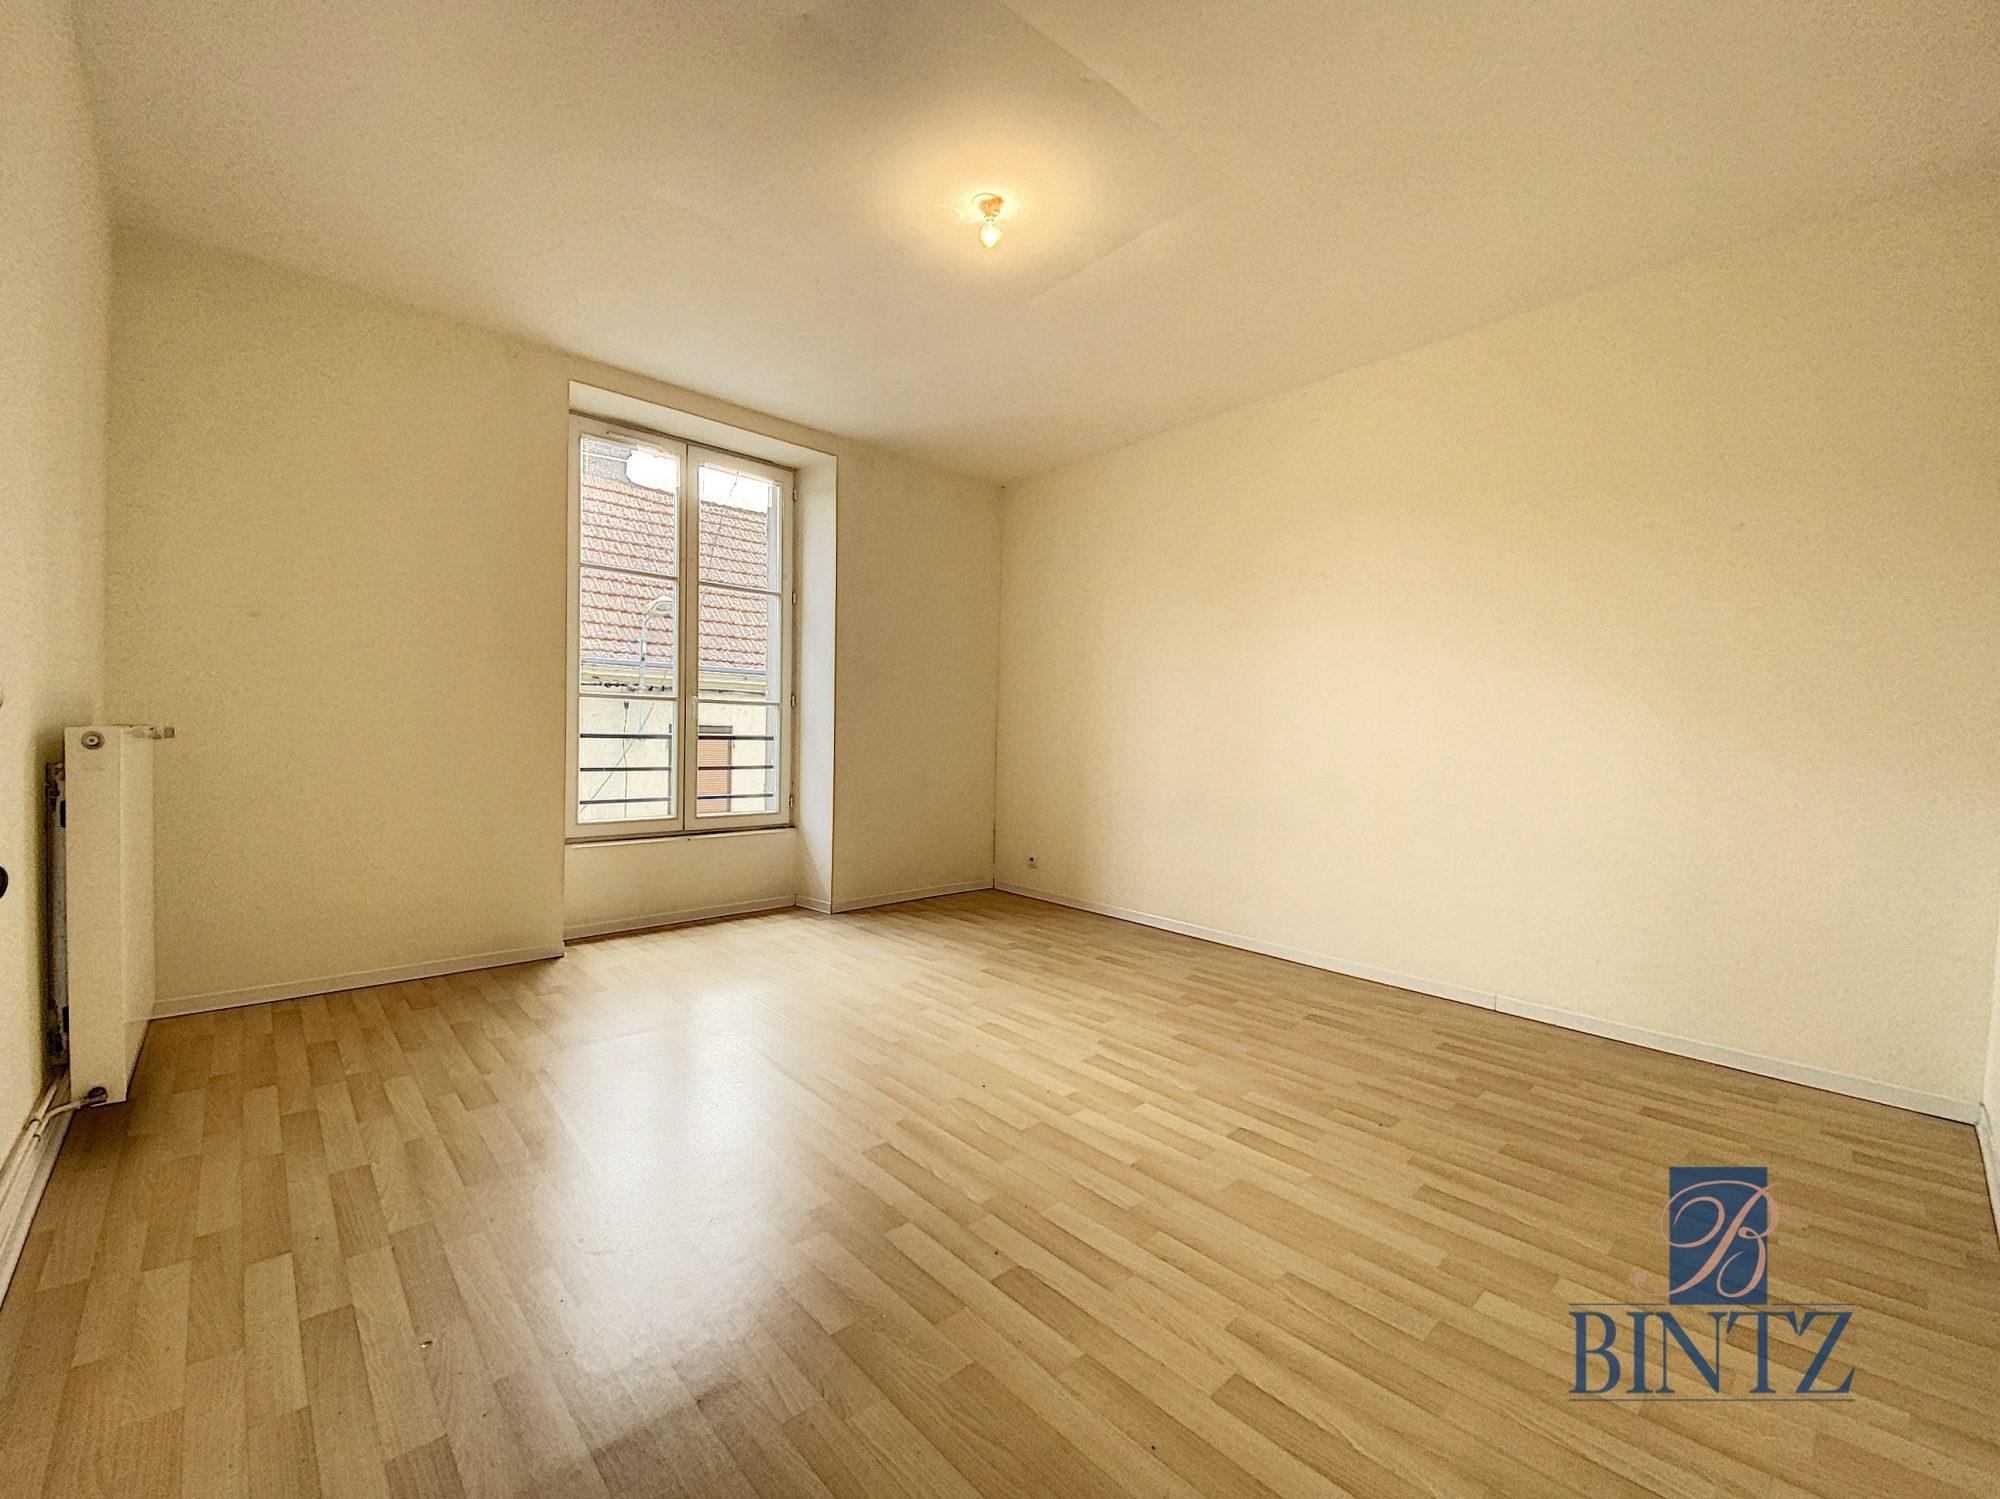 3 pièces toulon/arroux 1er maison de maitre - Devenez locataire en toute sérénité - Bintz Immobilier - 7